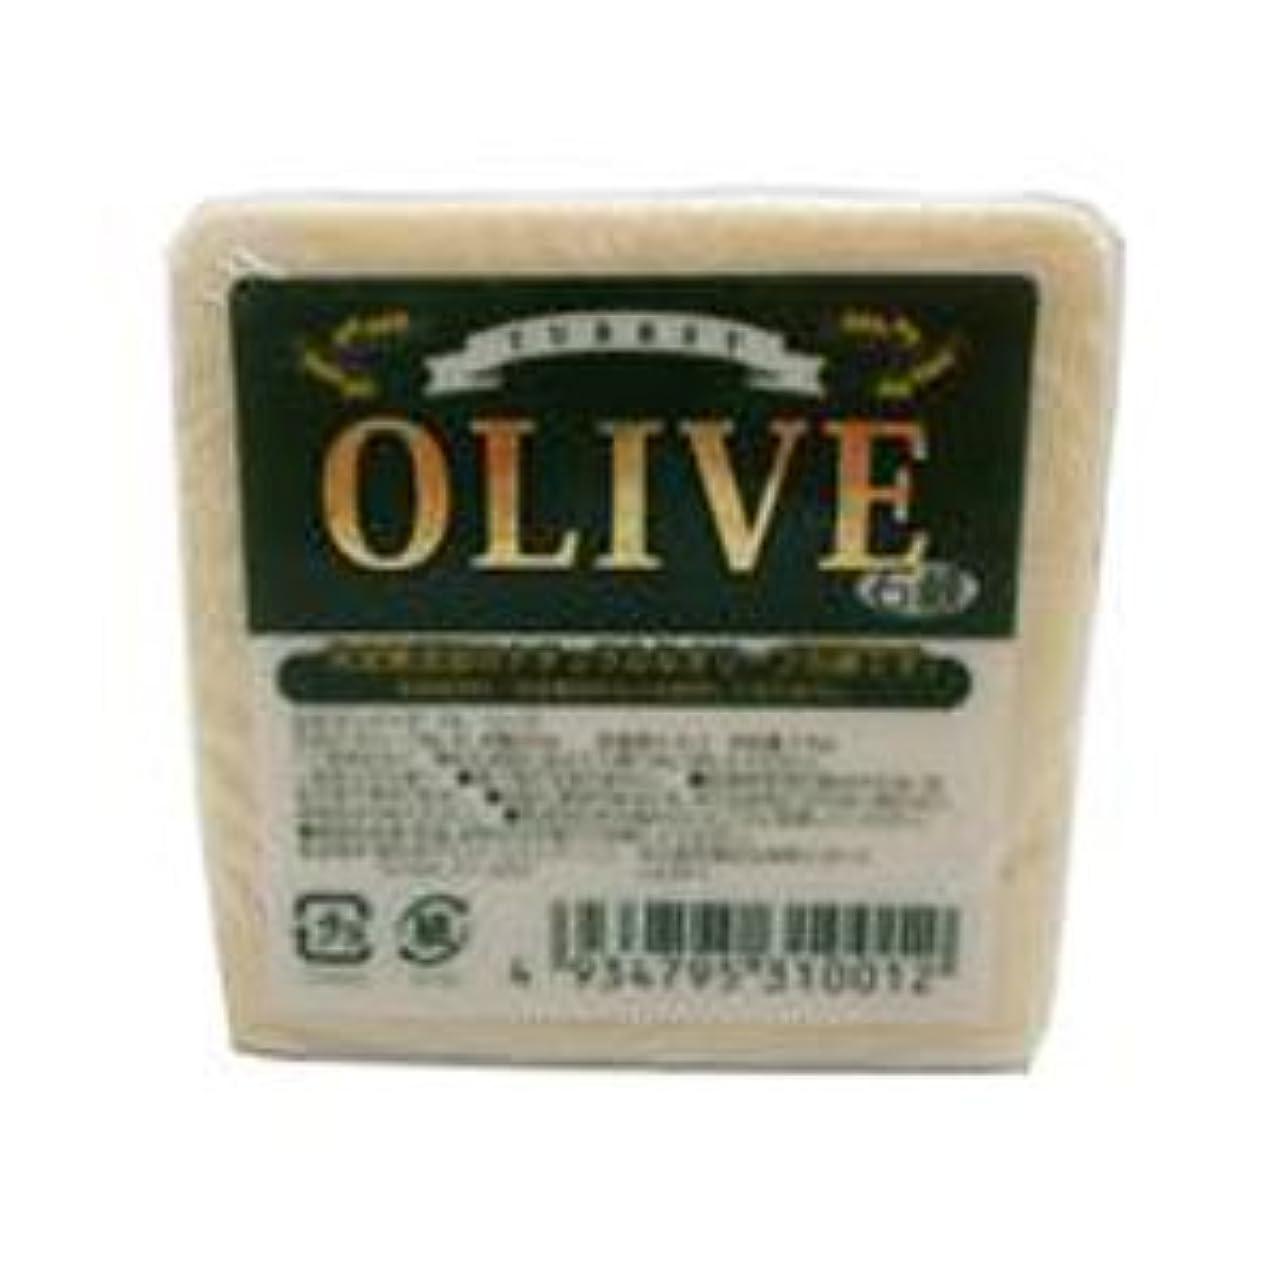 凍る貫通する不完全なお得な10個セット トルコ産オリーブを使用した無添加石鹸 ターキーオリーブ石鹸 135g